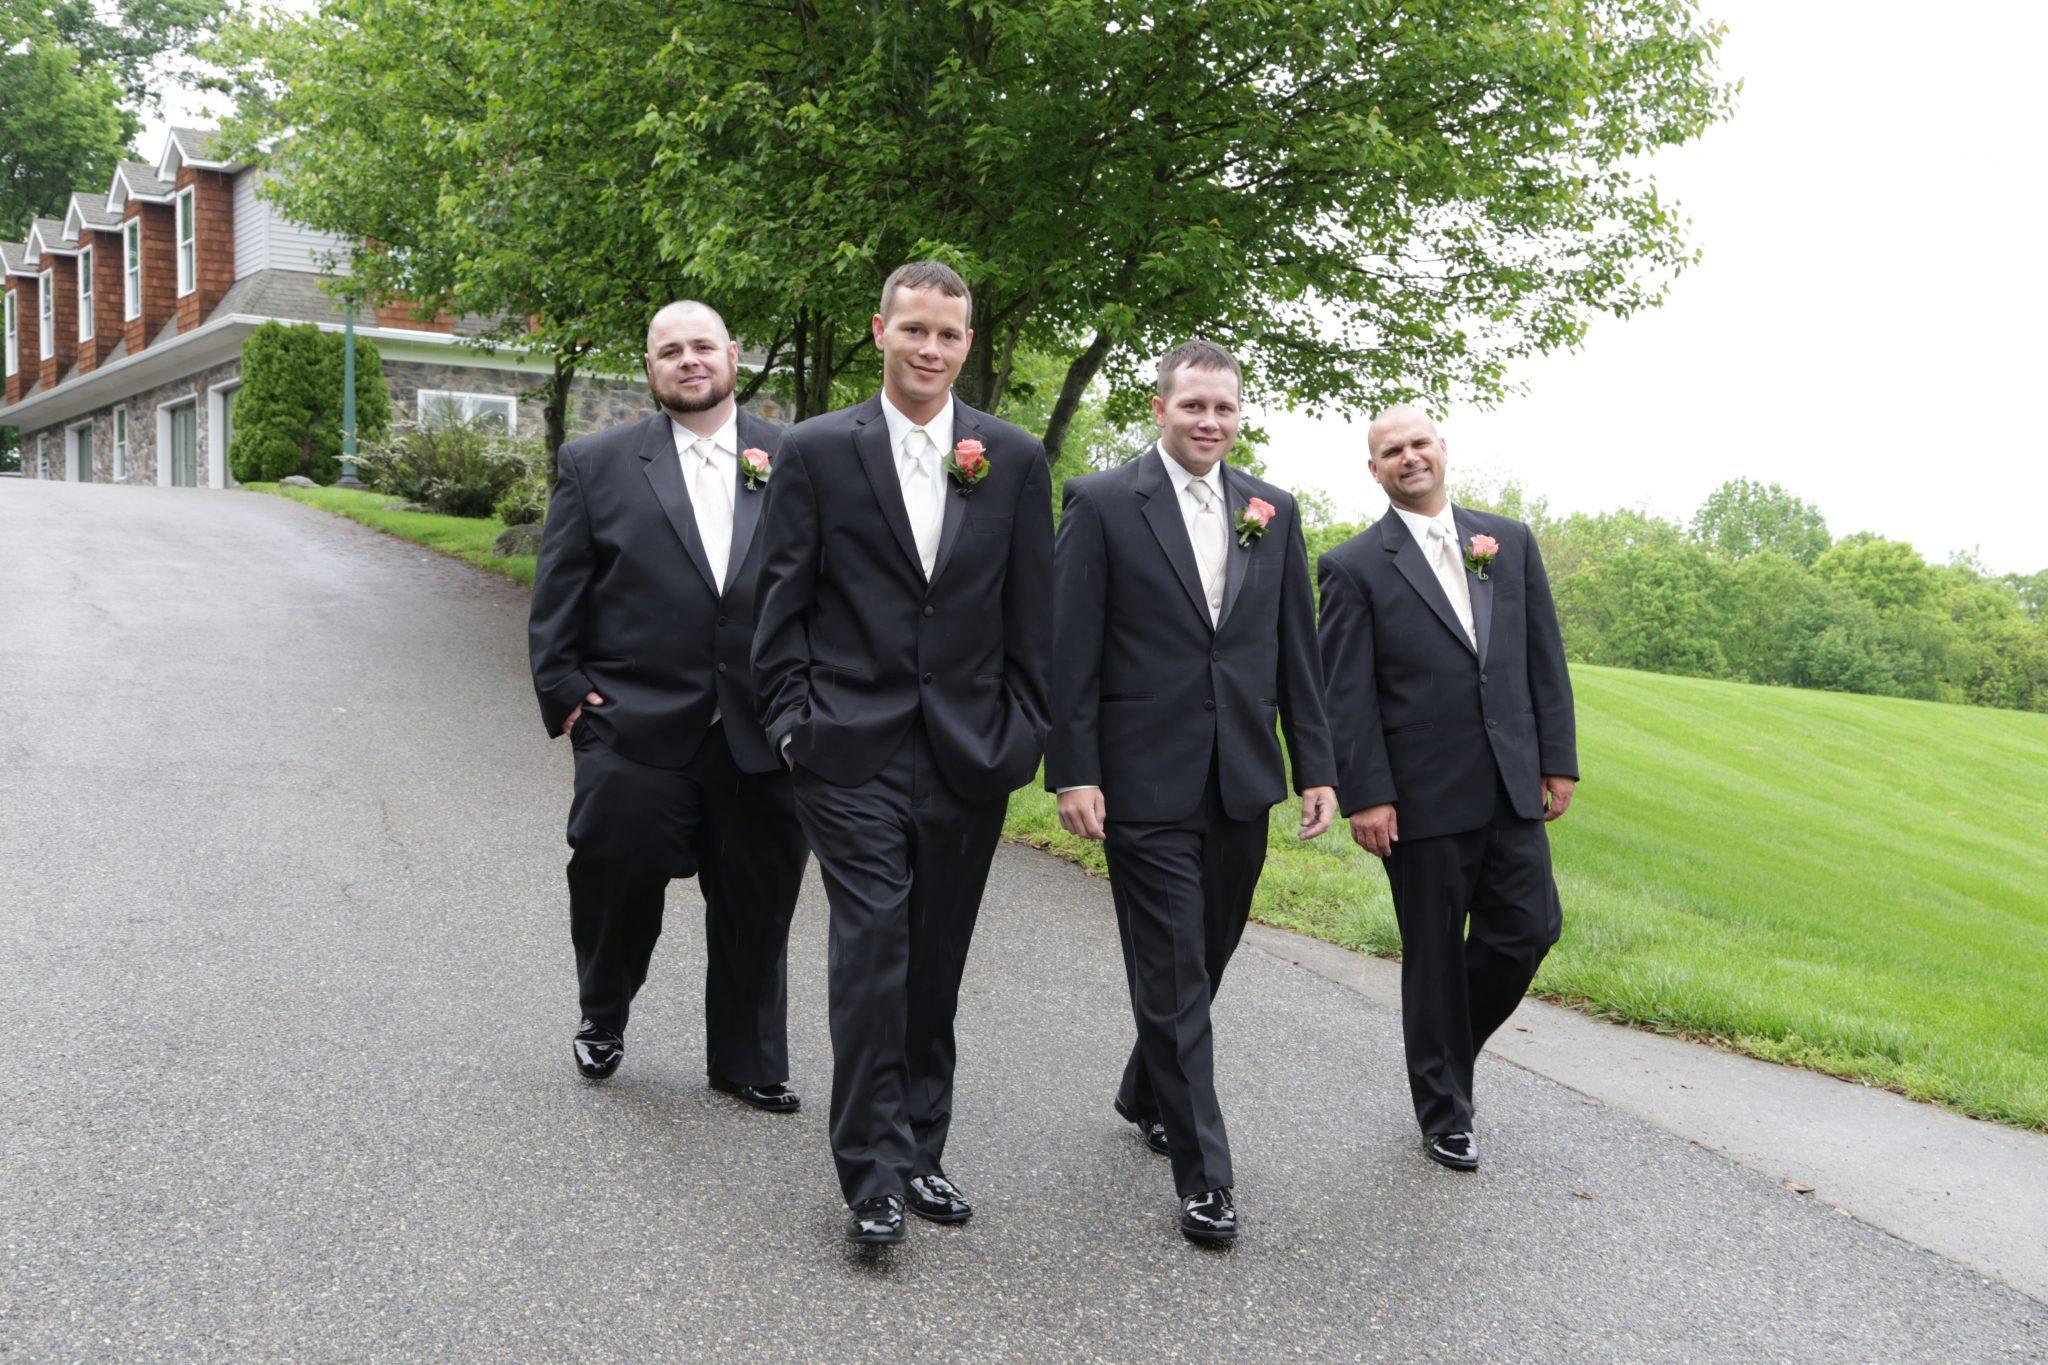 Groom and groomsmen on driveway outside of grooms room